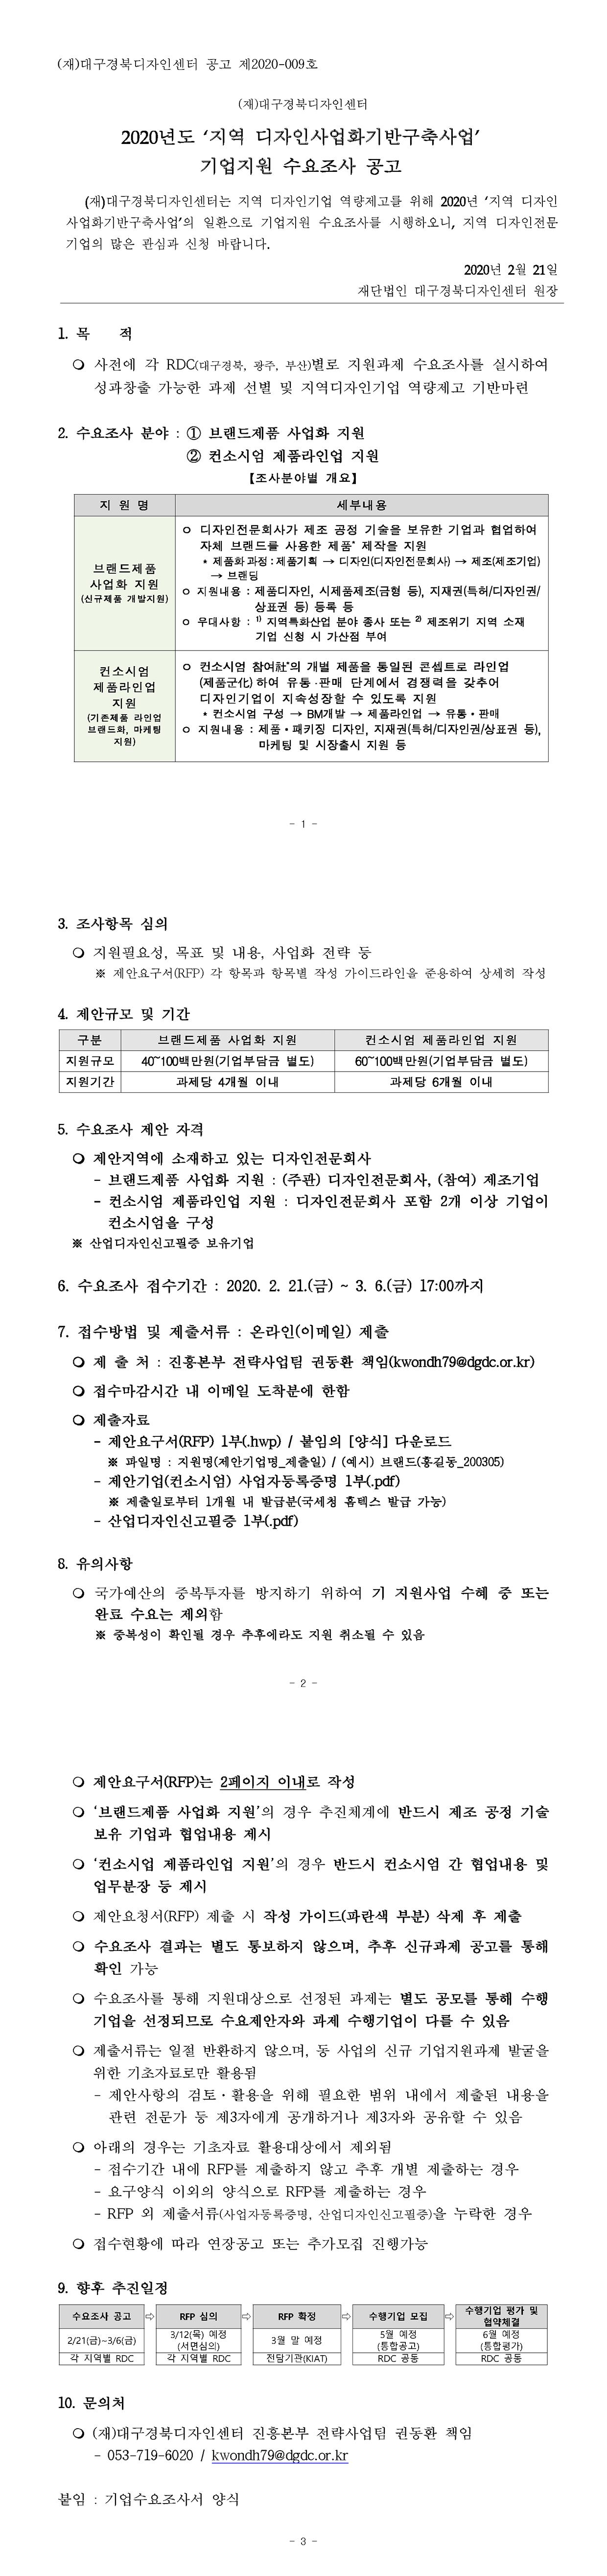 1_공고문(사업화_1차년도_수요조사_200220).png